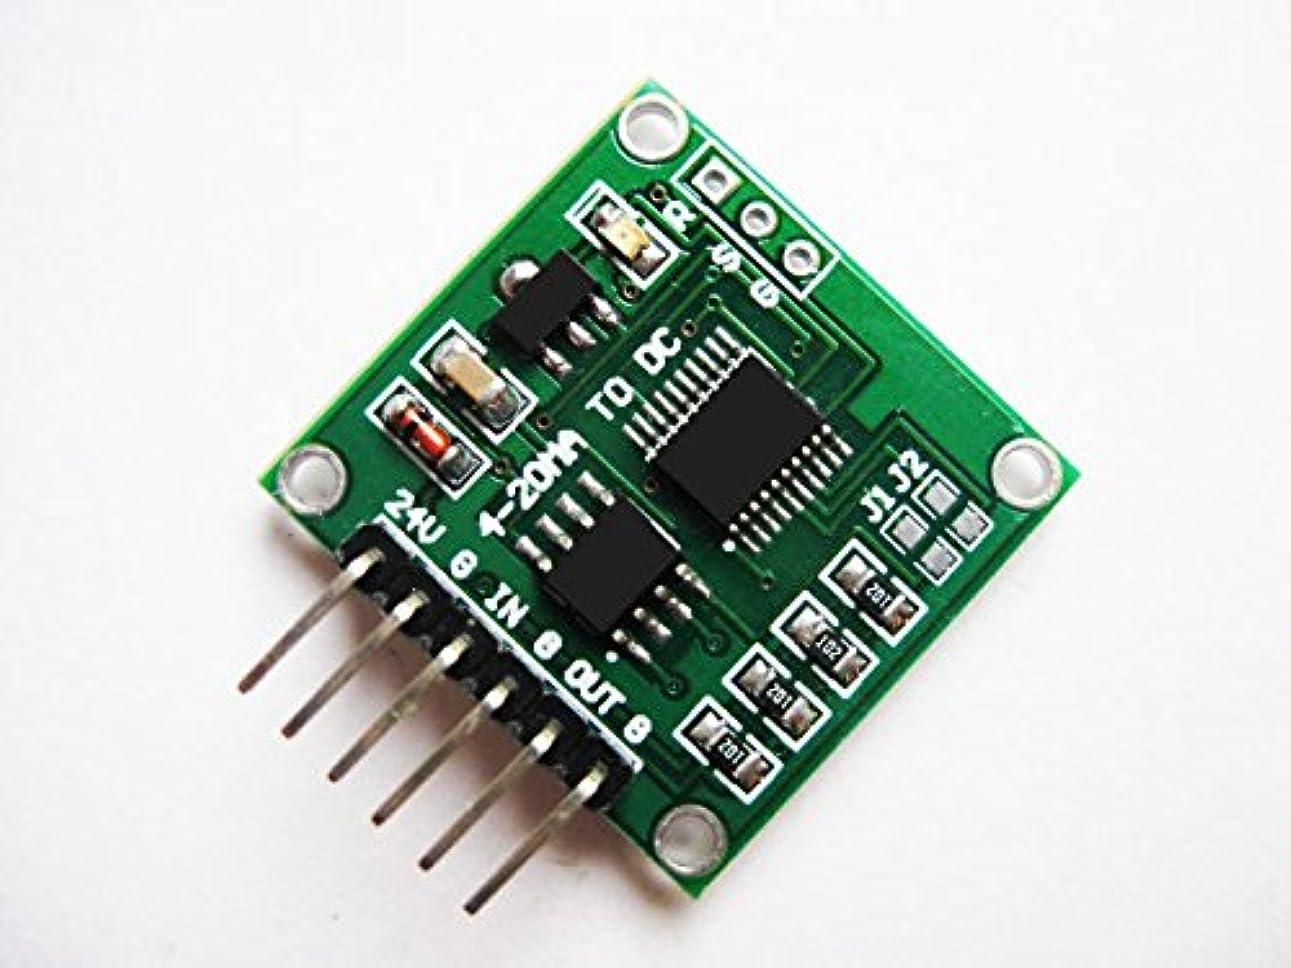 白雪姫禁輸同級生NGW-1pc Current-to-Voltage Module 4-20MA to 0-5V Linear Conversion Transmitter Module